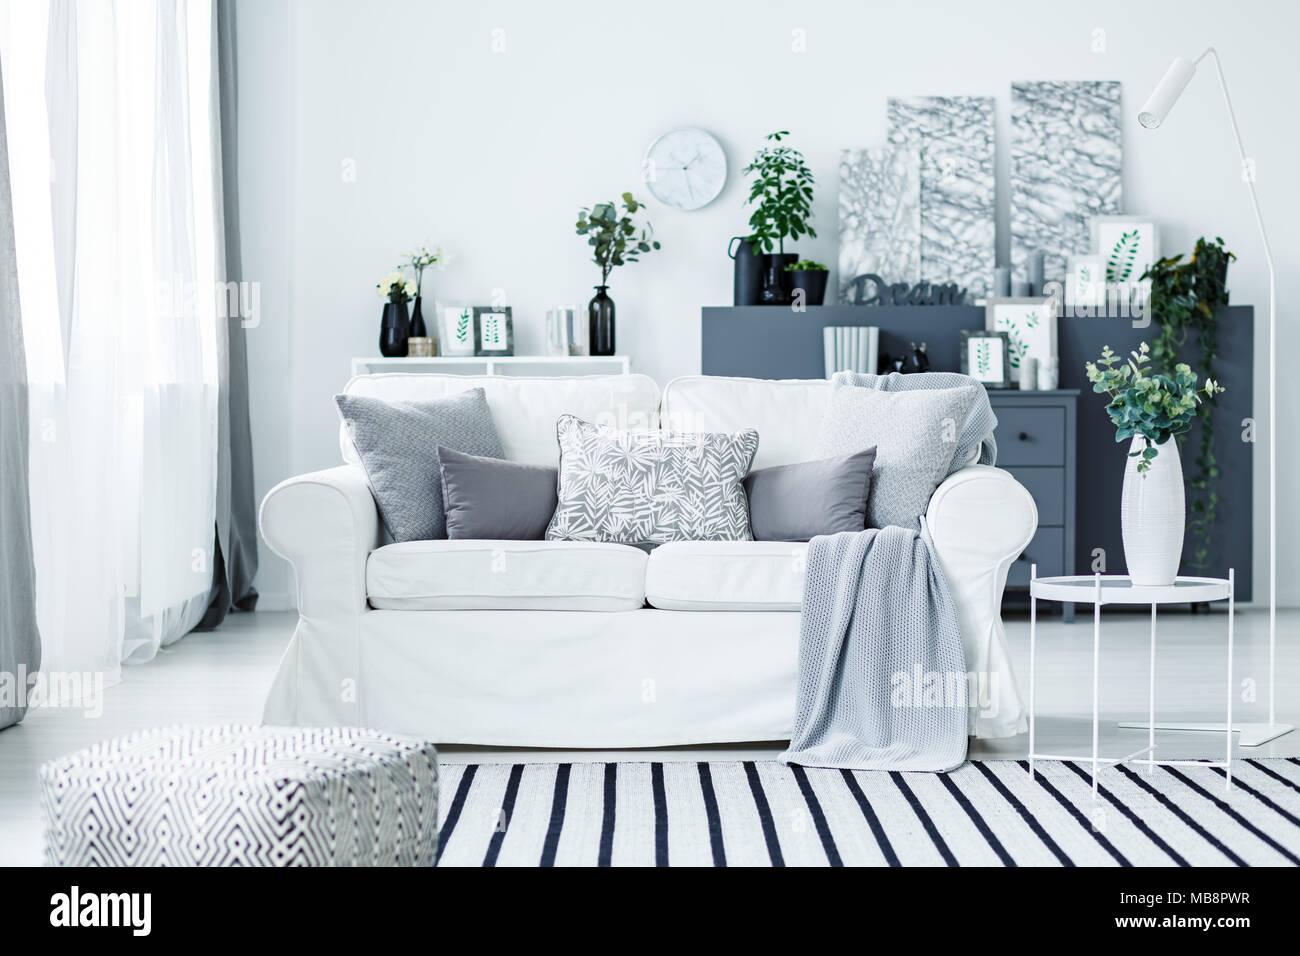 Gemütliche Weiß Sofa Und Einem Gestreiften Teppich In Ein Stilvolles,  Modernes Wohnzimmer Interieur Mit Grauen